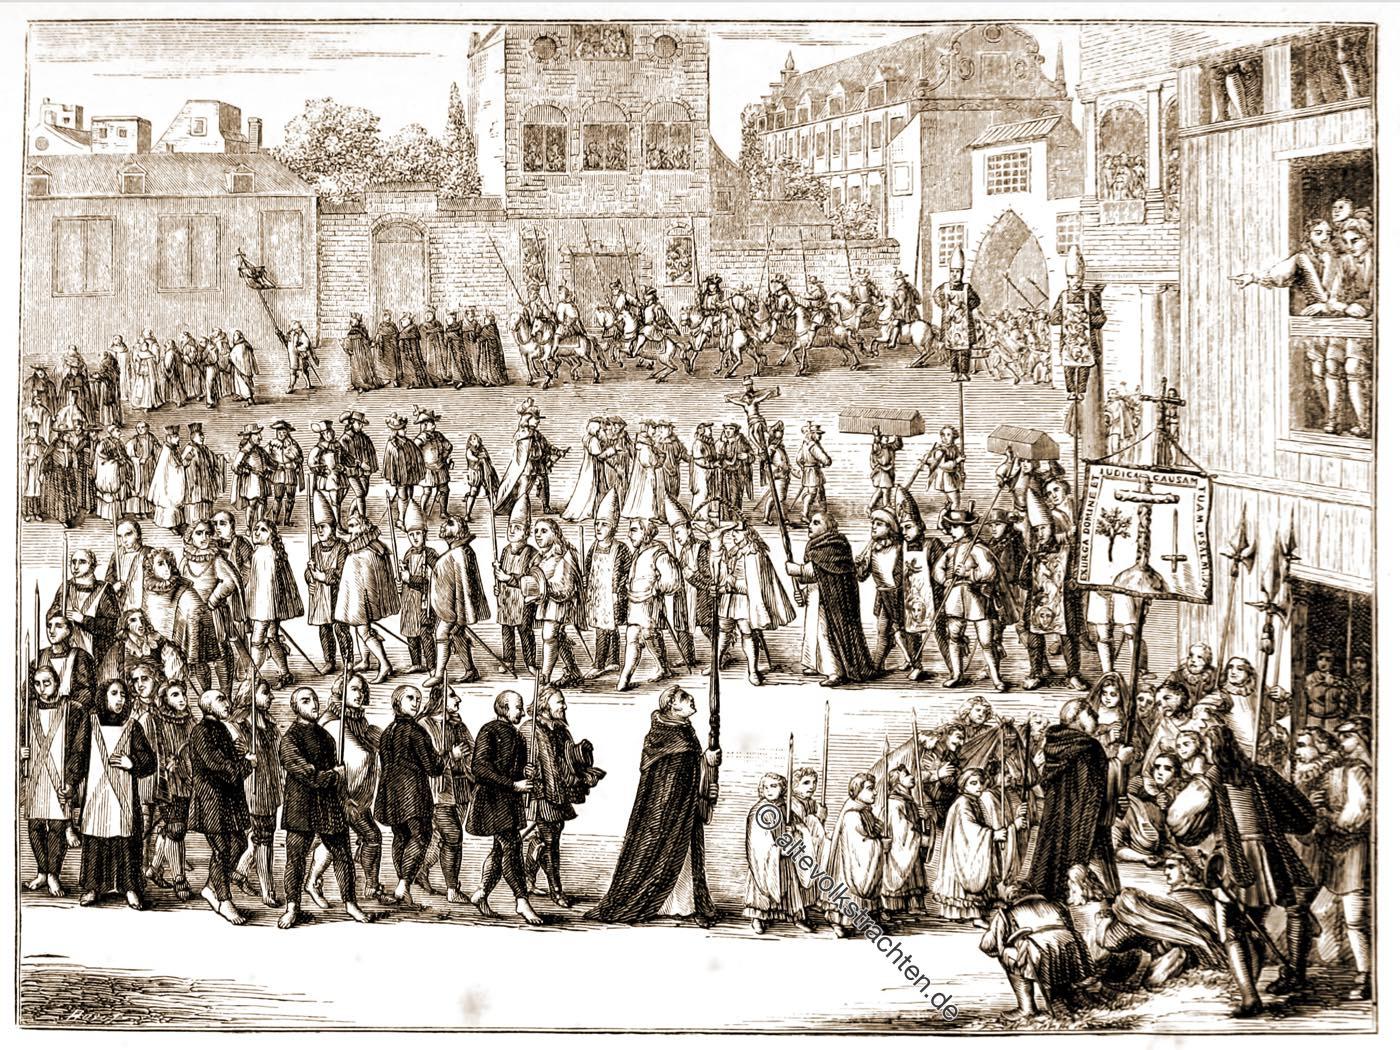 Prozession, auto-da-fé, Spanien